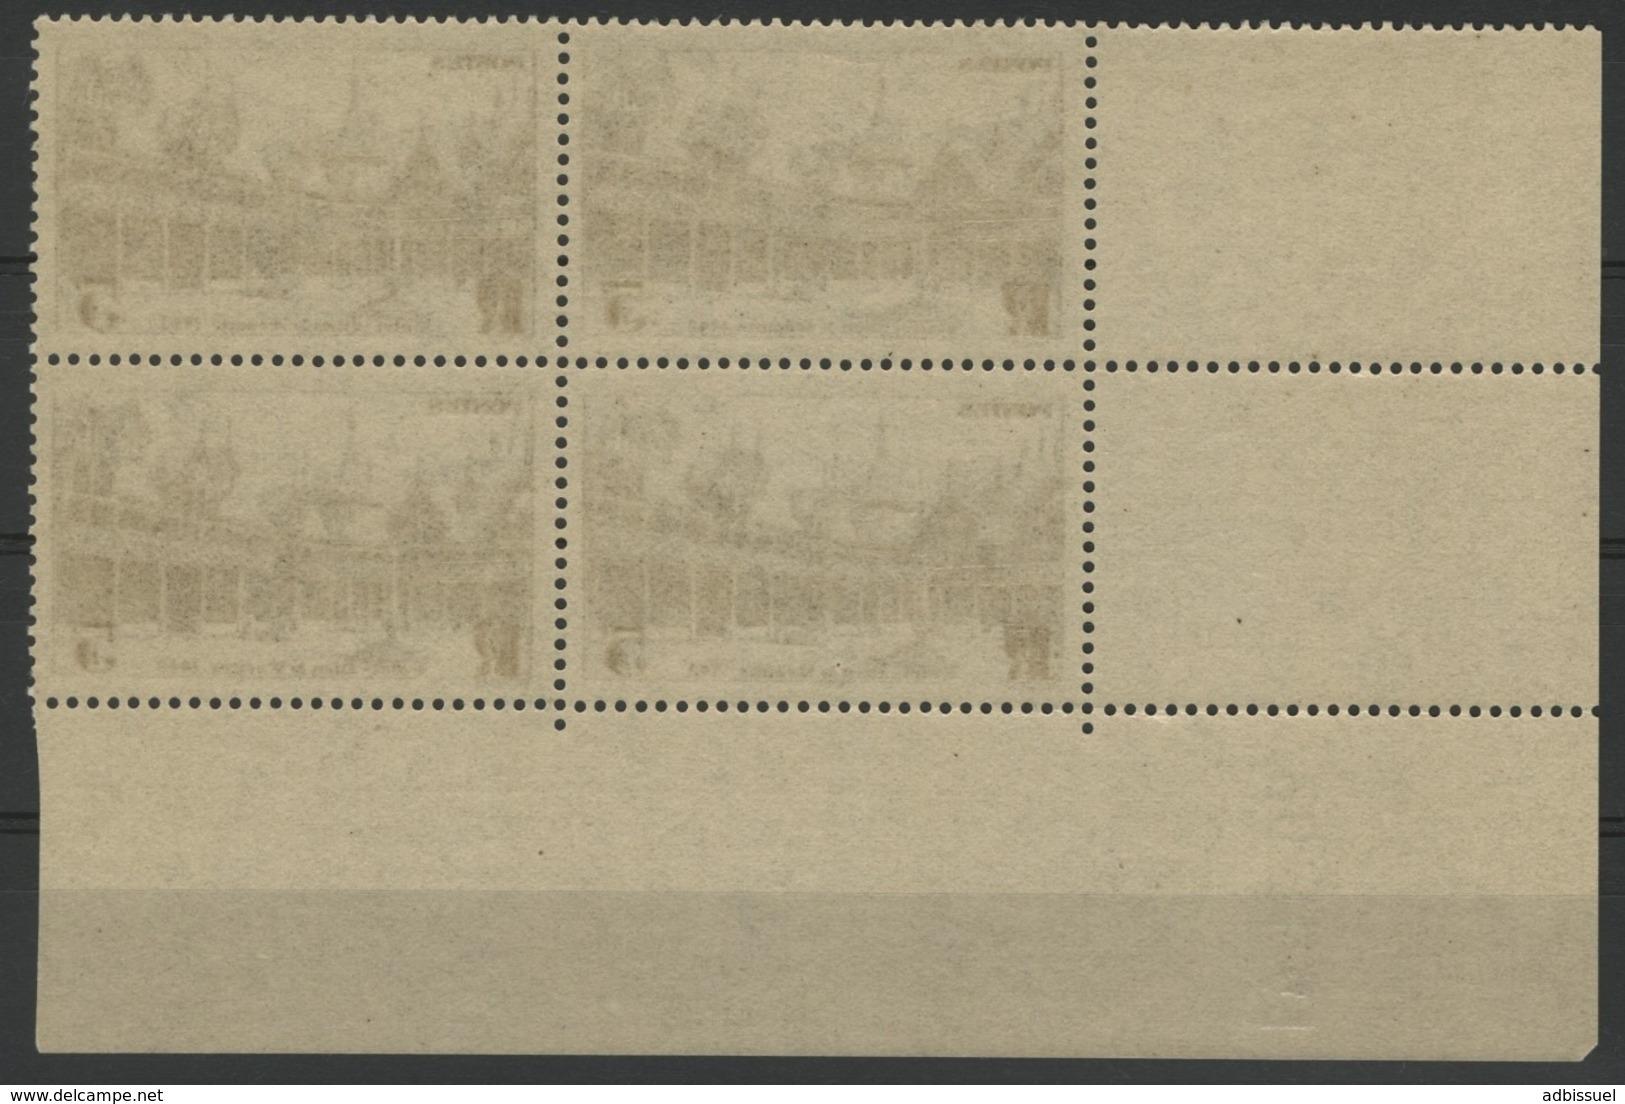 """N° 498 ** (MNH). Coin Daté Du 29/11/41 / Bloc De Quatre """"Hôtel Dieu De Beaunel"""". - Angoli Datati"""